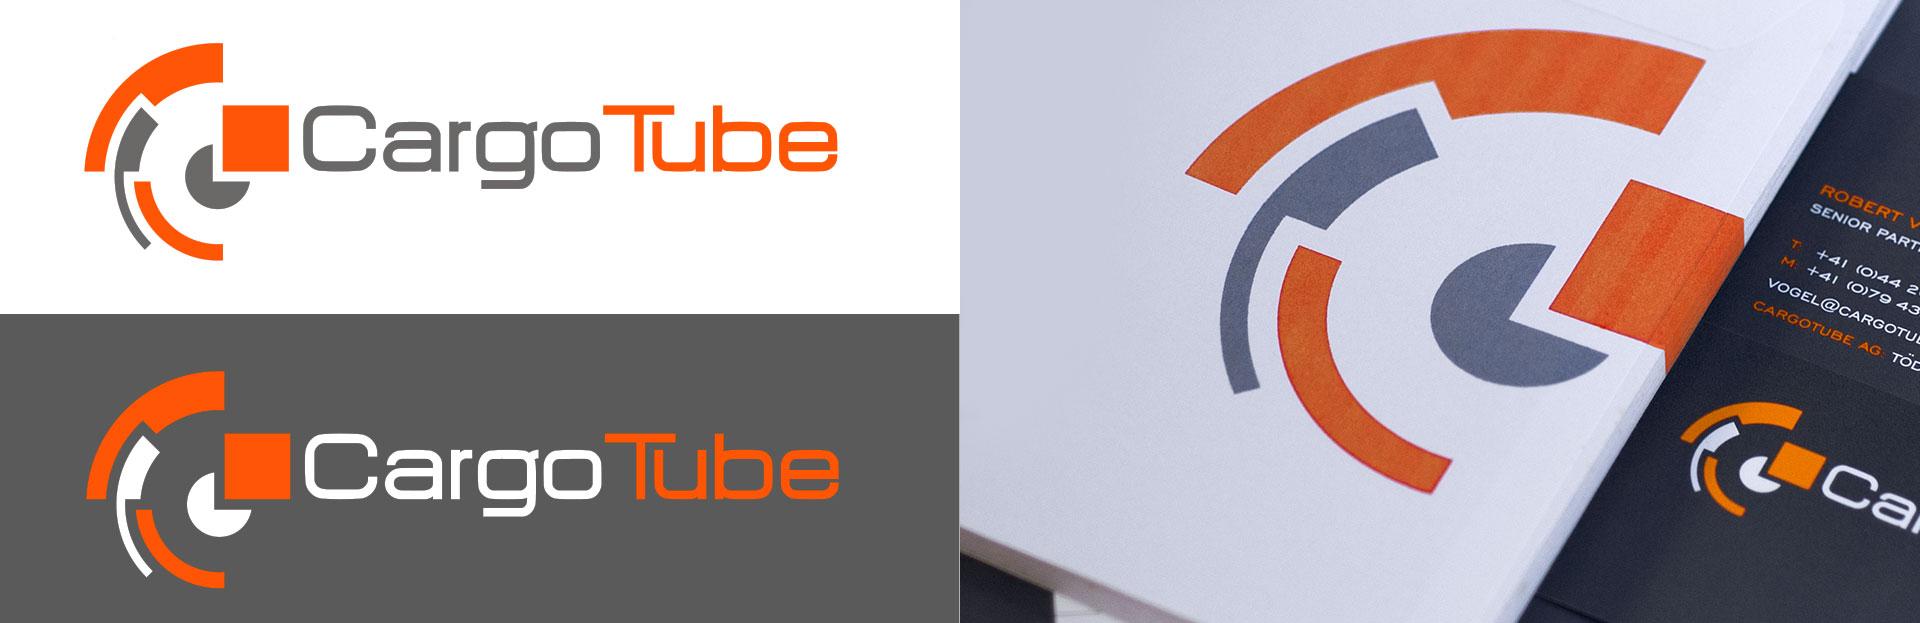 Cargo-Tube-Nitin-Design